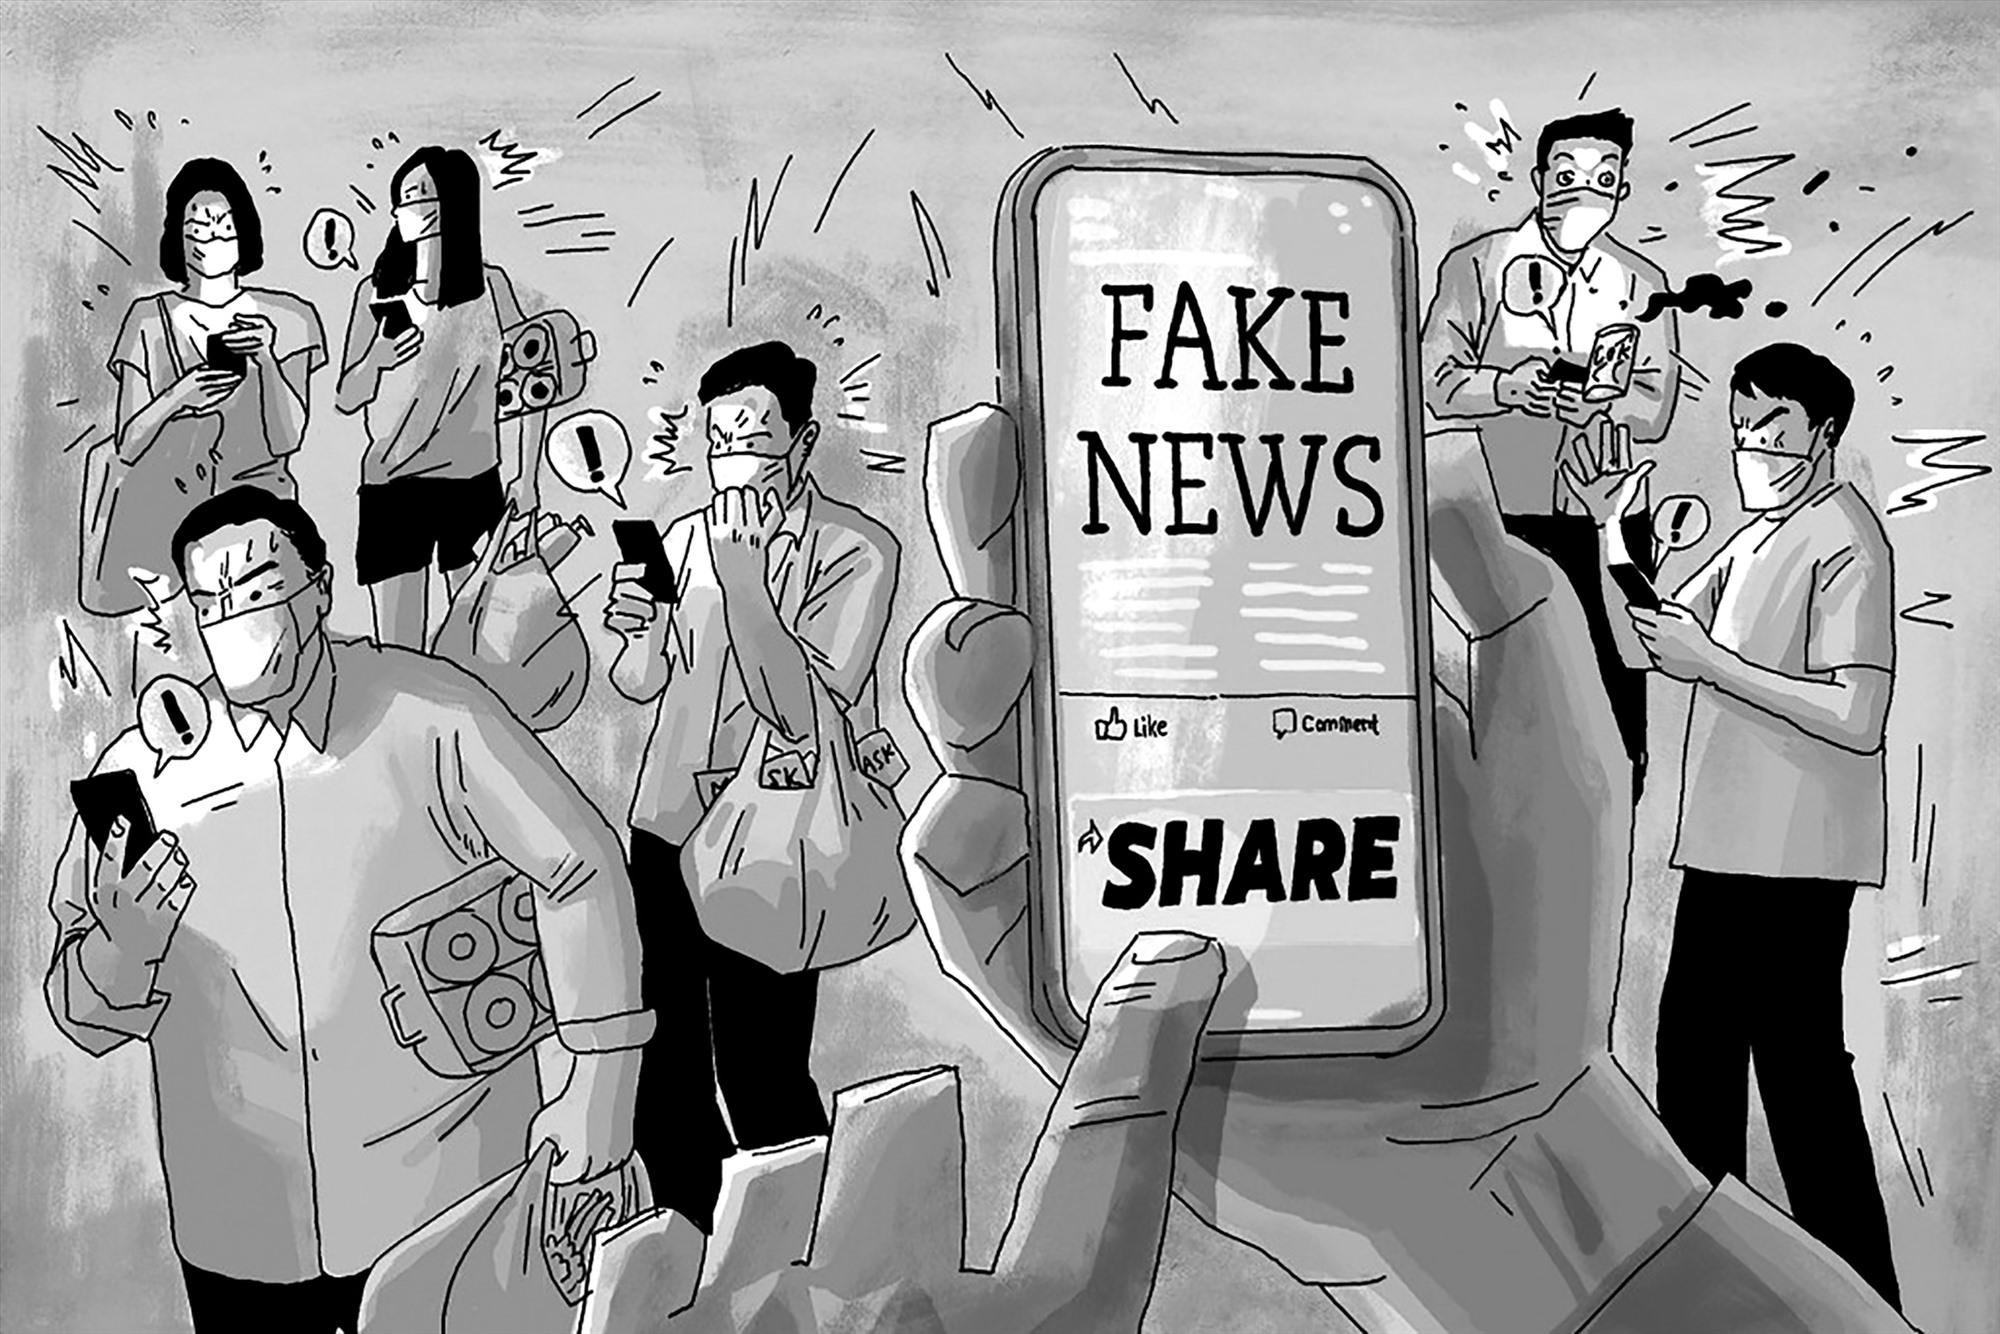 Người dân cần theo dõi tin tức từ các nguồn chính thống, không chia sẻ các thông tin chưa được kiểm chứng. Ảnh minh họa: Bộ Công an.